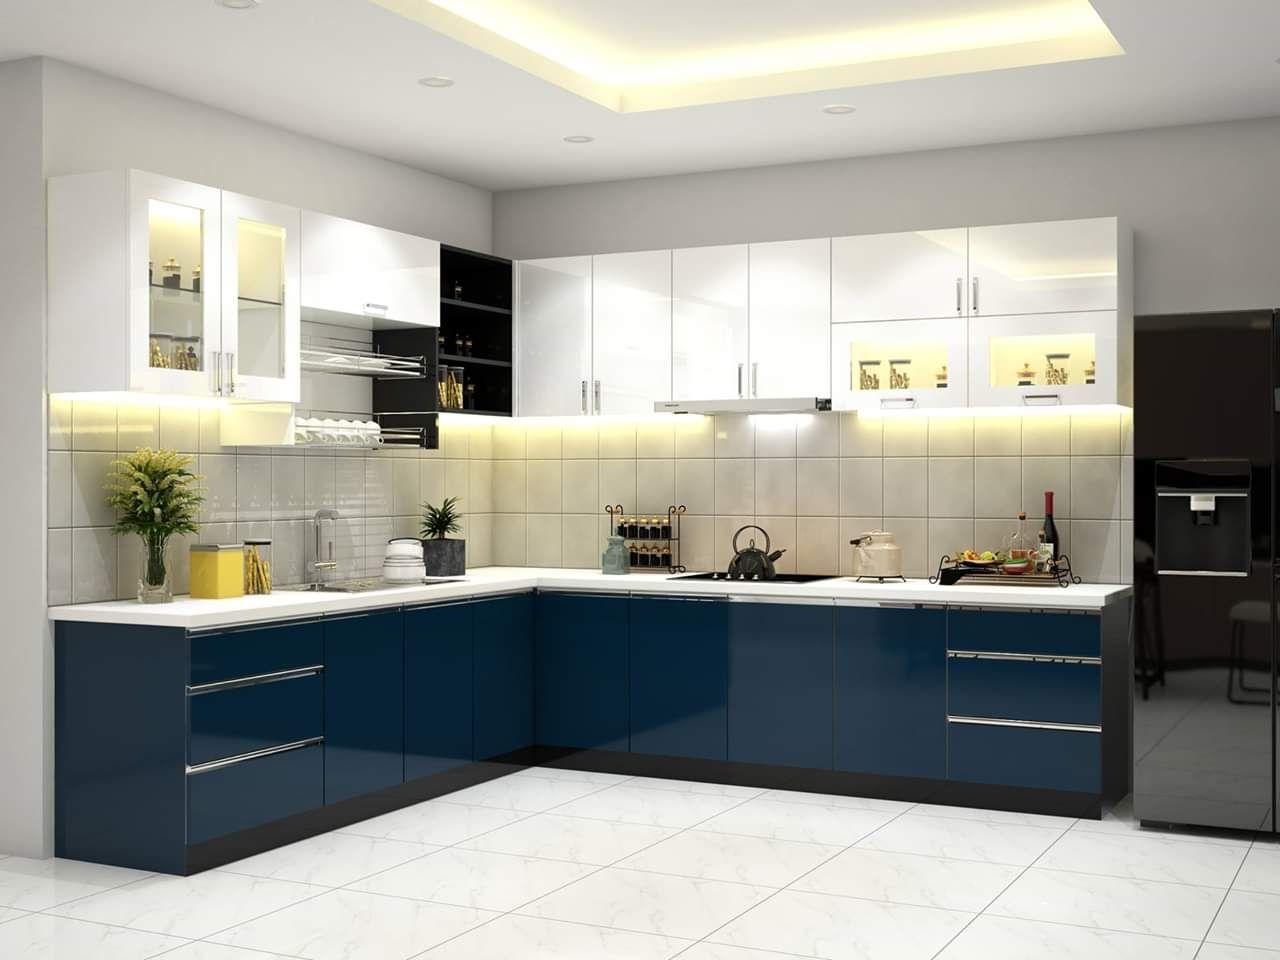 Thiết kế nội thất phòng bếp đẹp hiện đại | Bếp đẹp, Bếp, Thiết kế ...